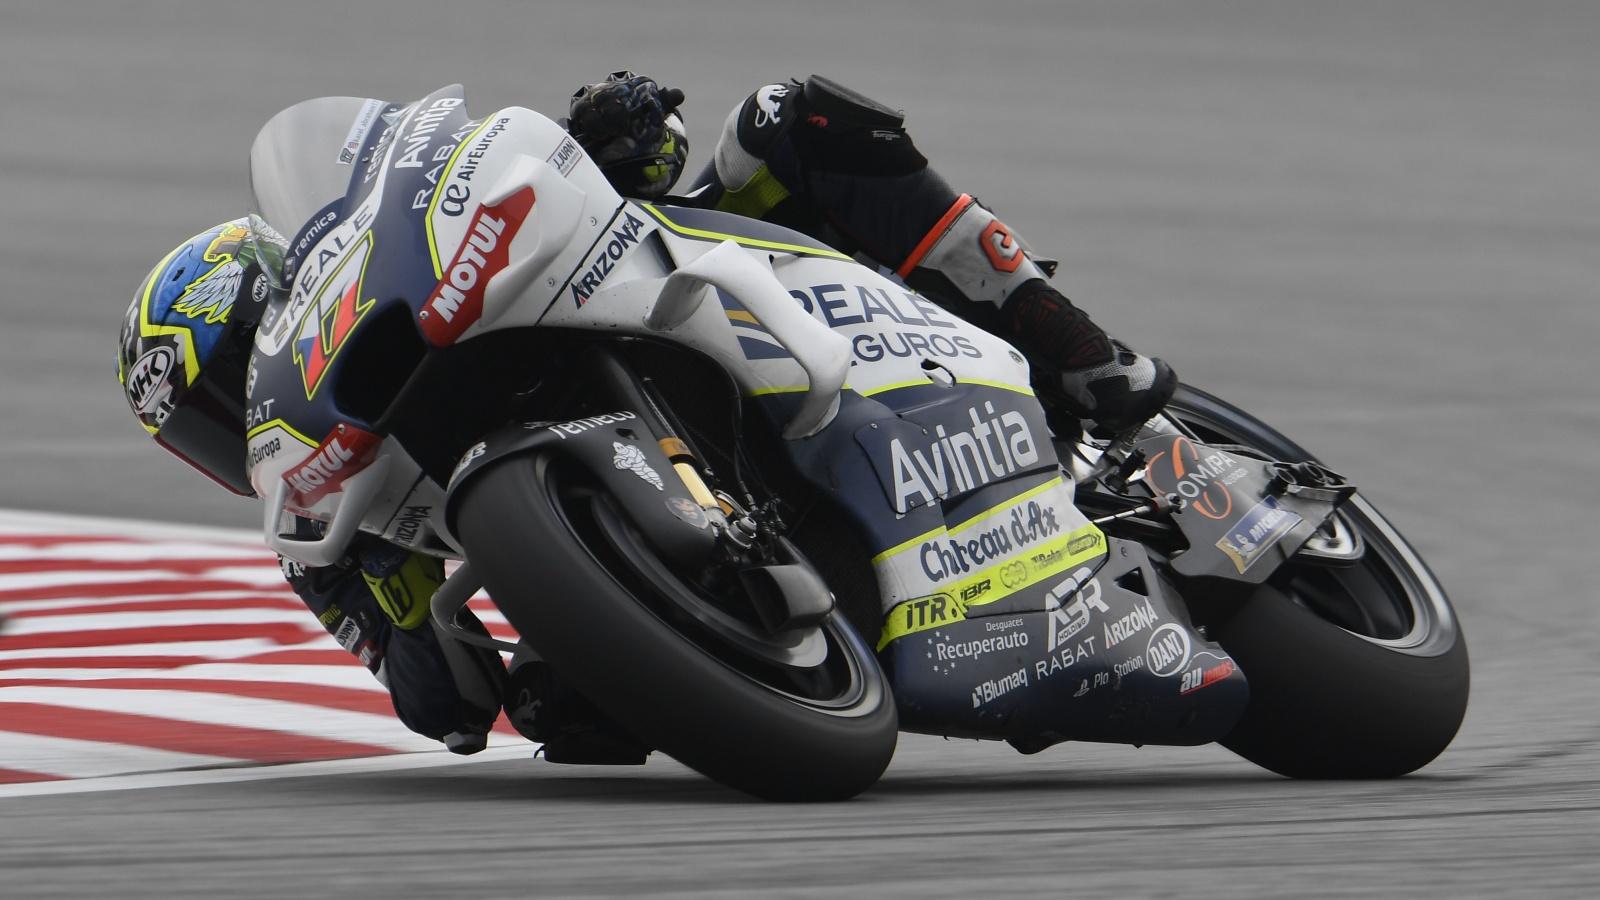 Karel Abraham se queda sin sitio en MotoGP y piensa en la retirada